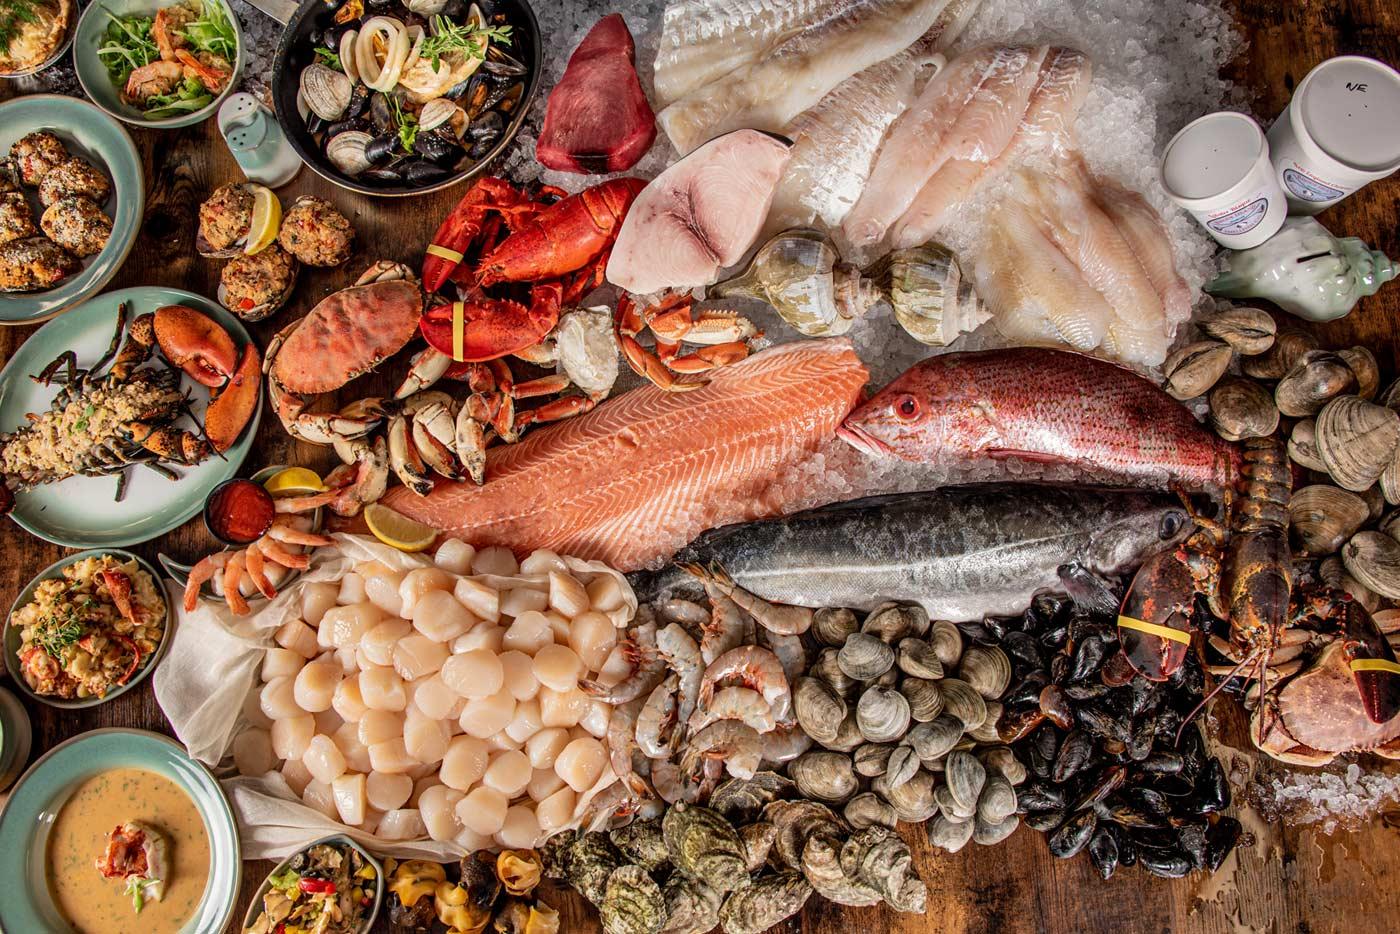 ri-shellfish-seafood-ri